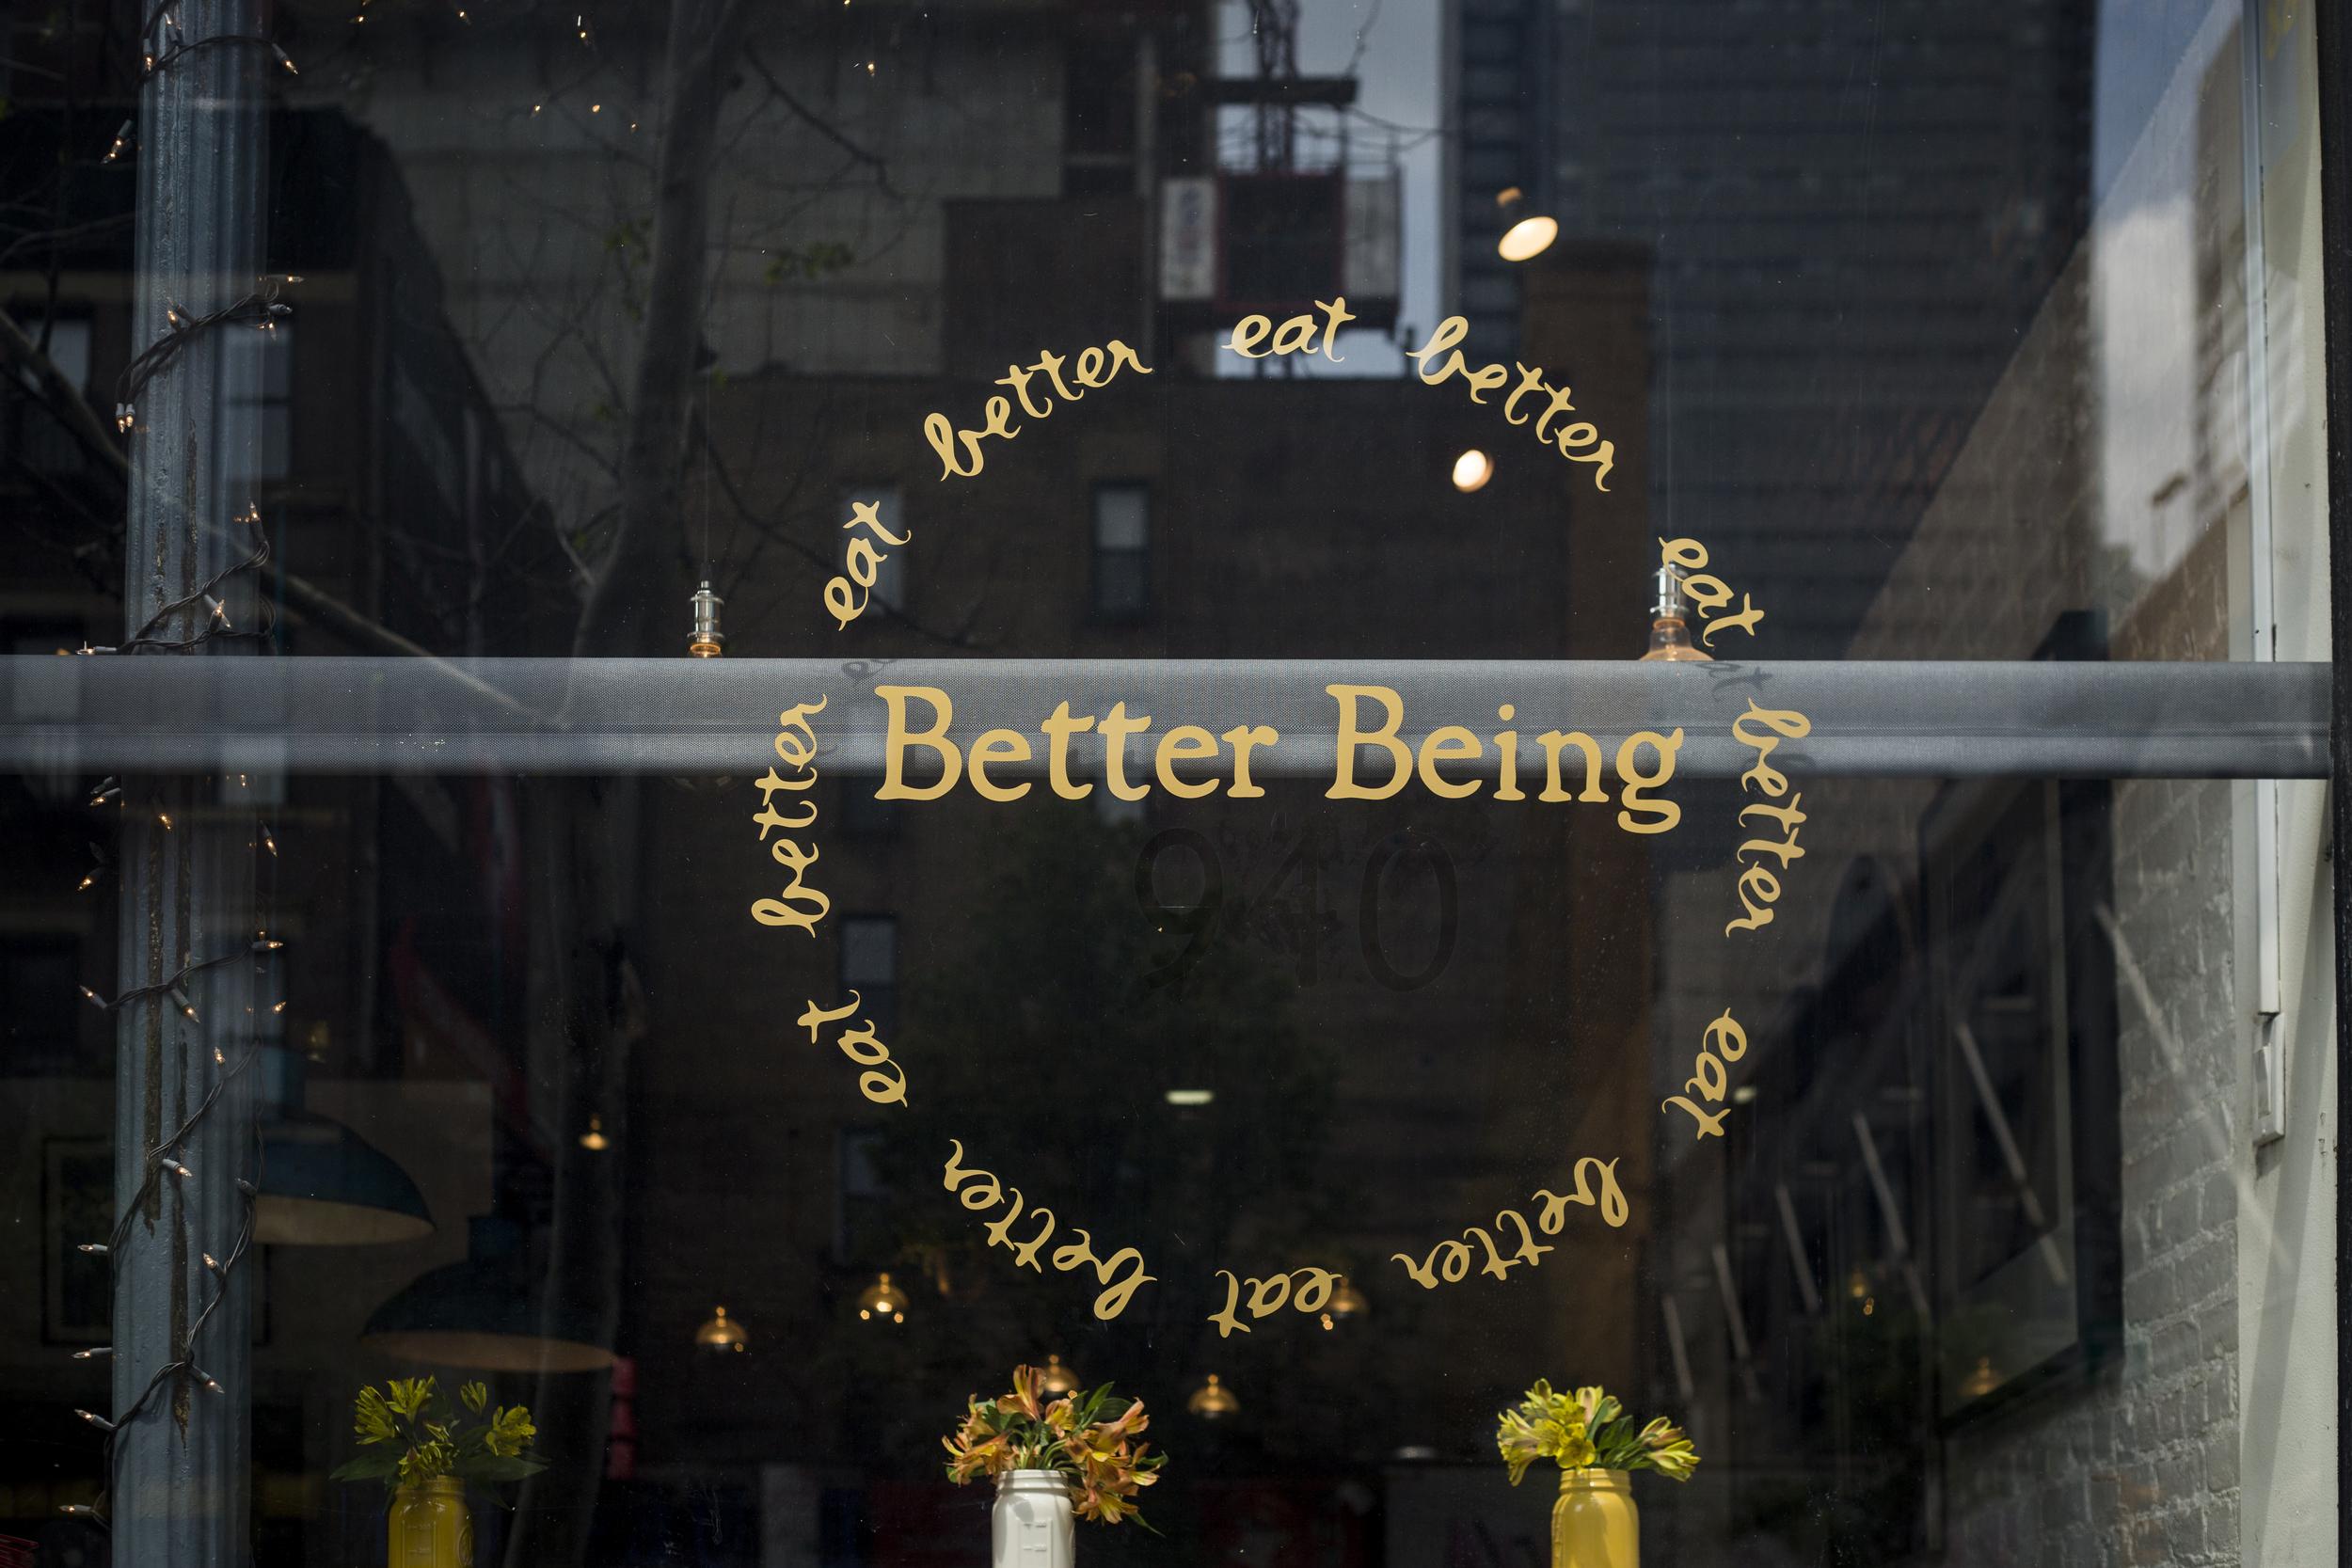 Better Being 940 0079.jpg